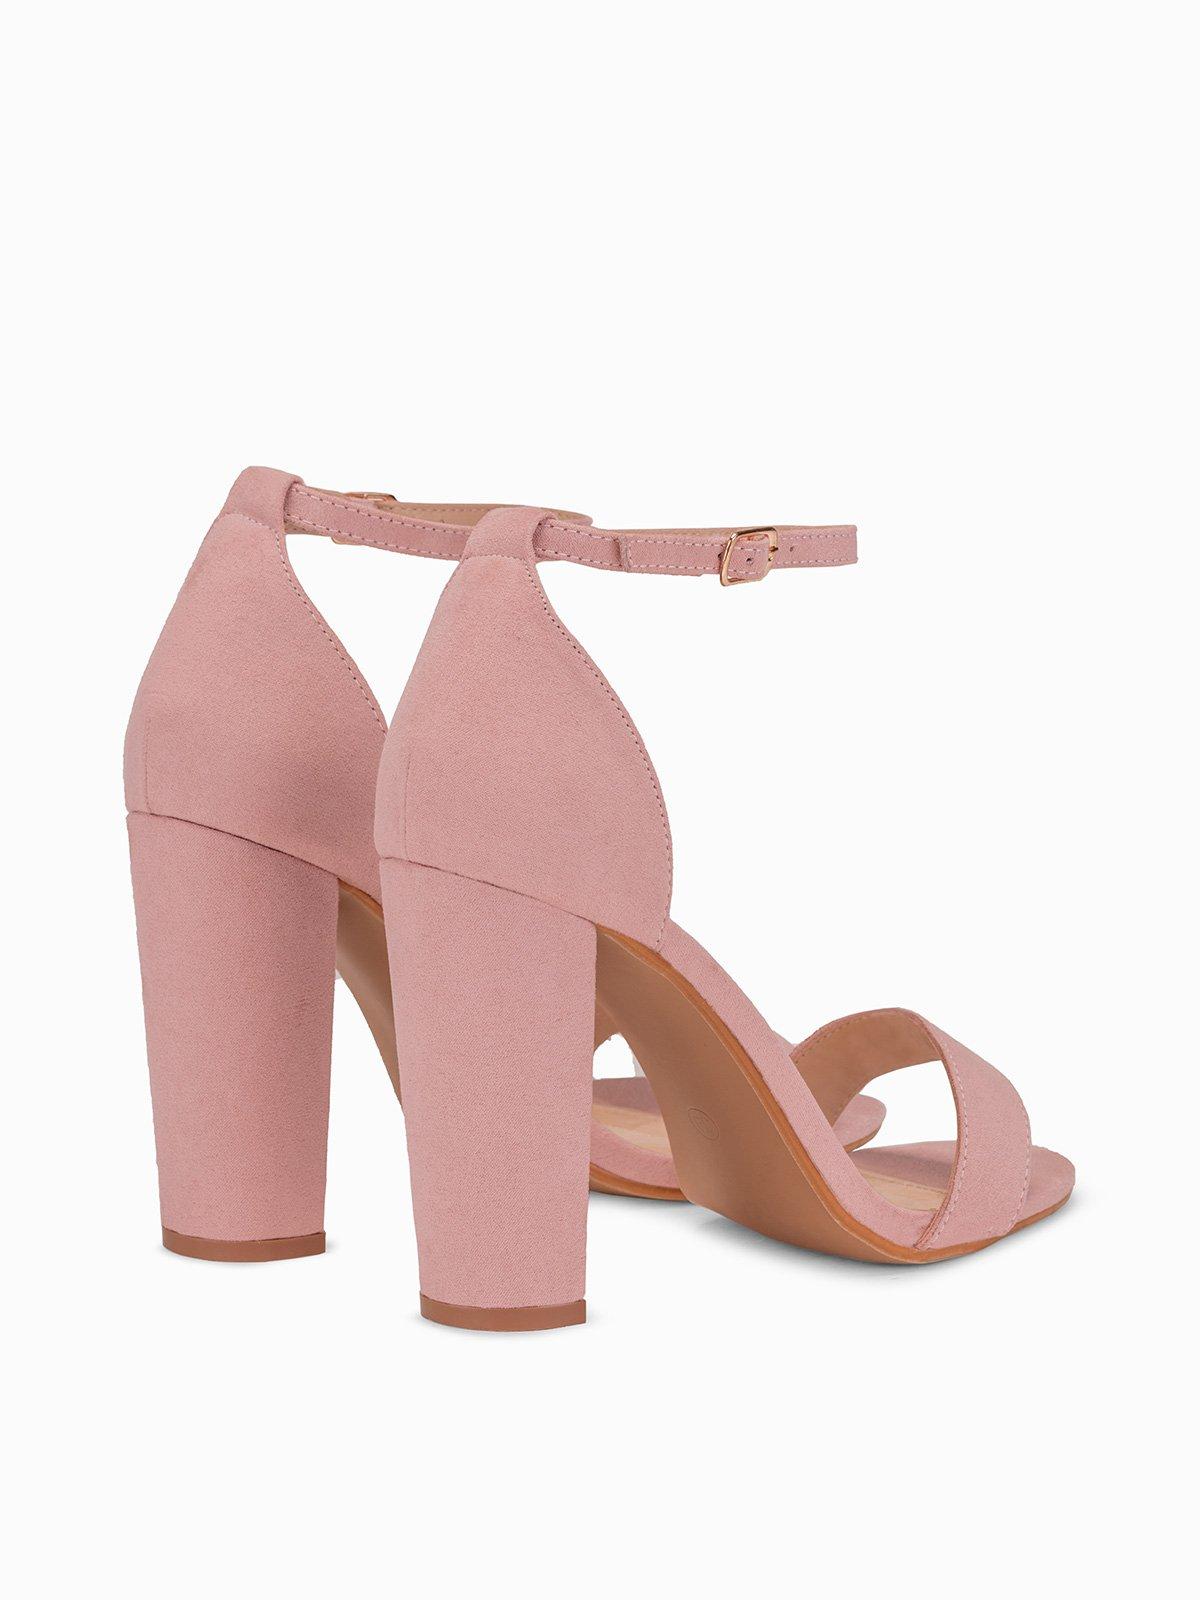 Sandały na słupku 293LR różowe różowy   Dla niej Obuwie